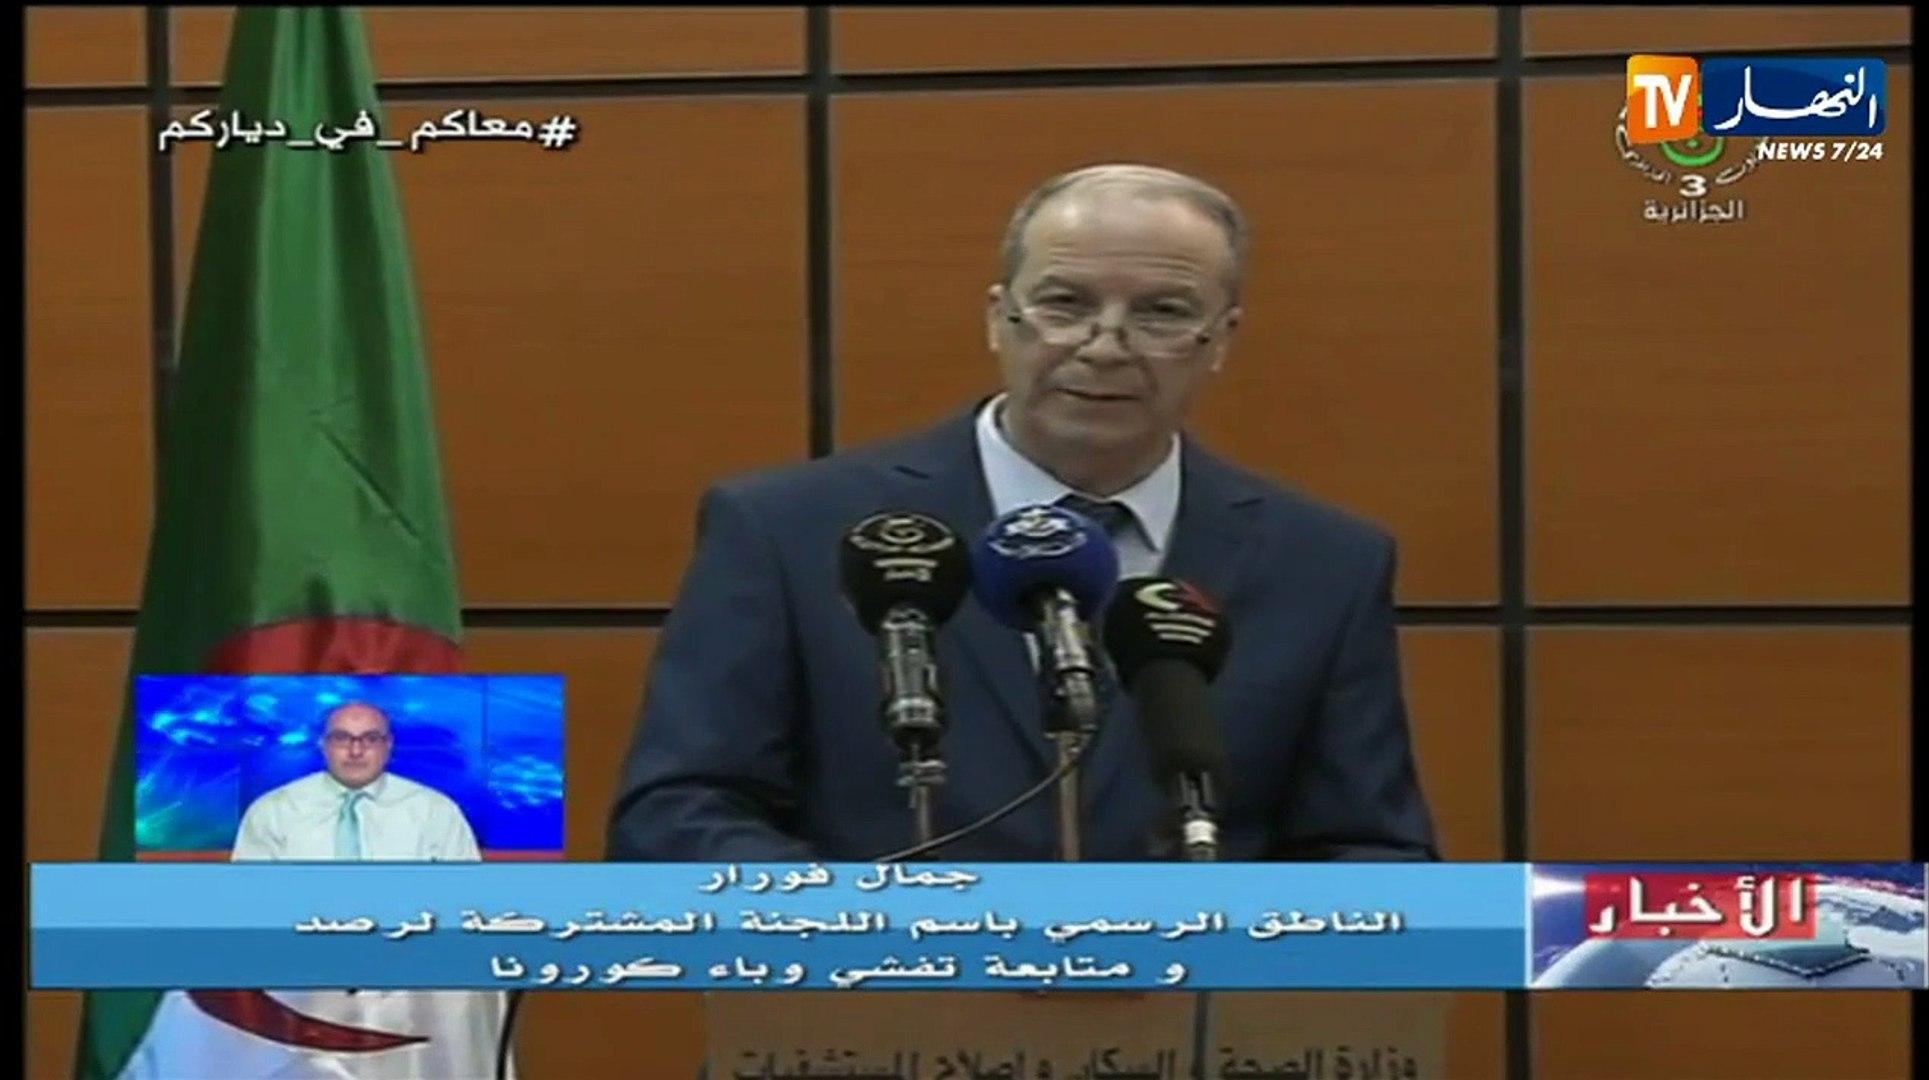 جمال فورار يرصد آخر إحصائيات فيروس كورونا في الجزائر